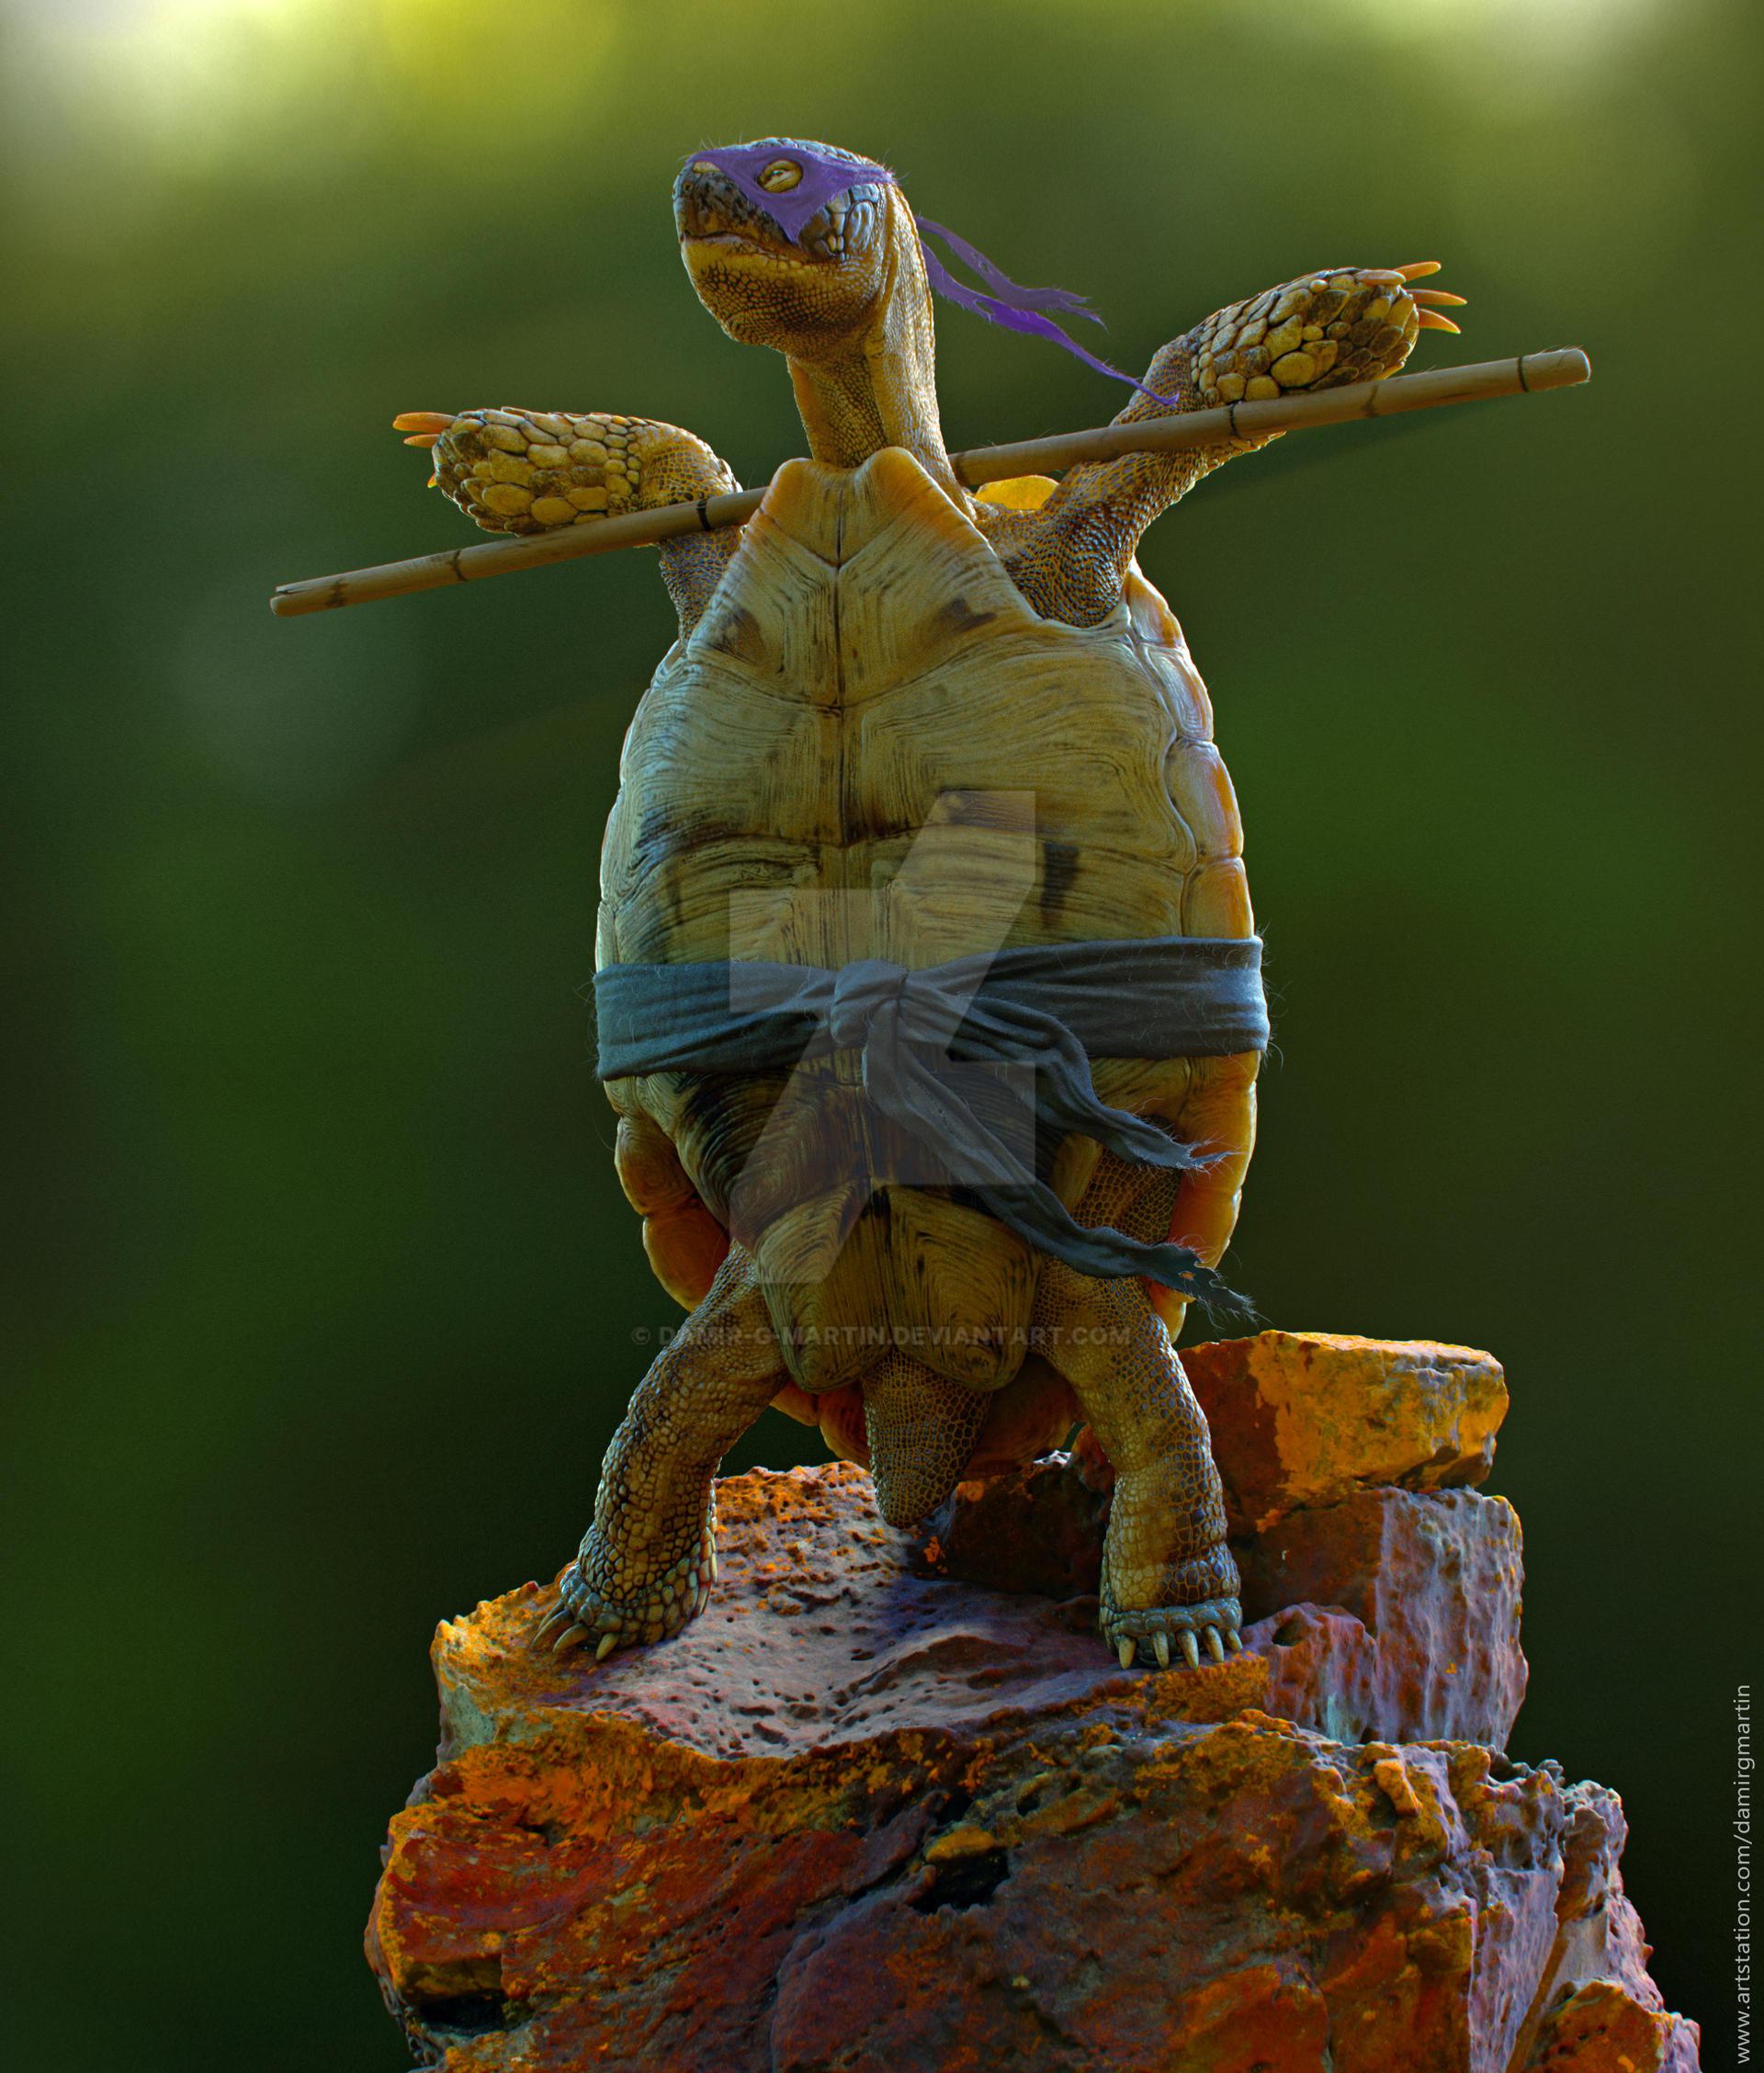 The Real Ninja Turtle, Err, Tortoise